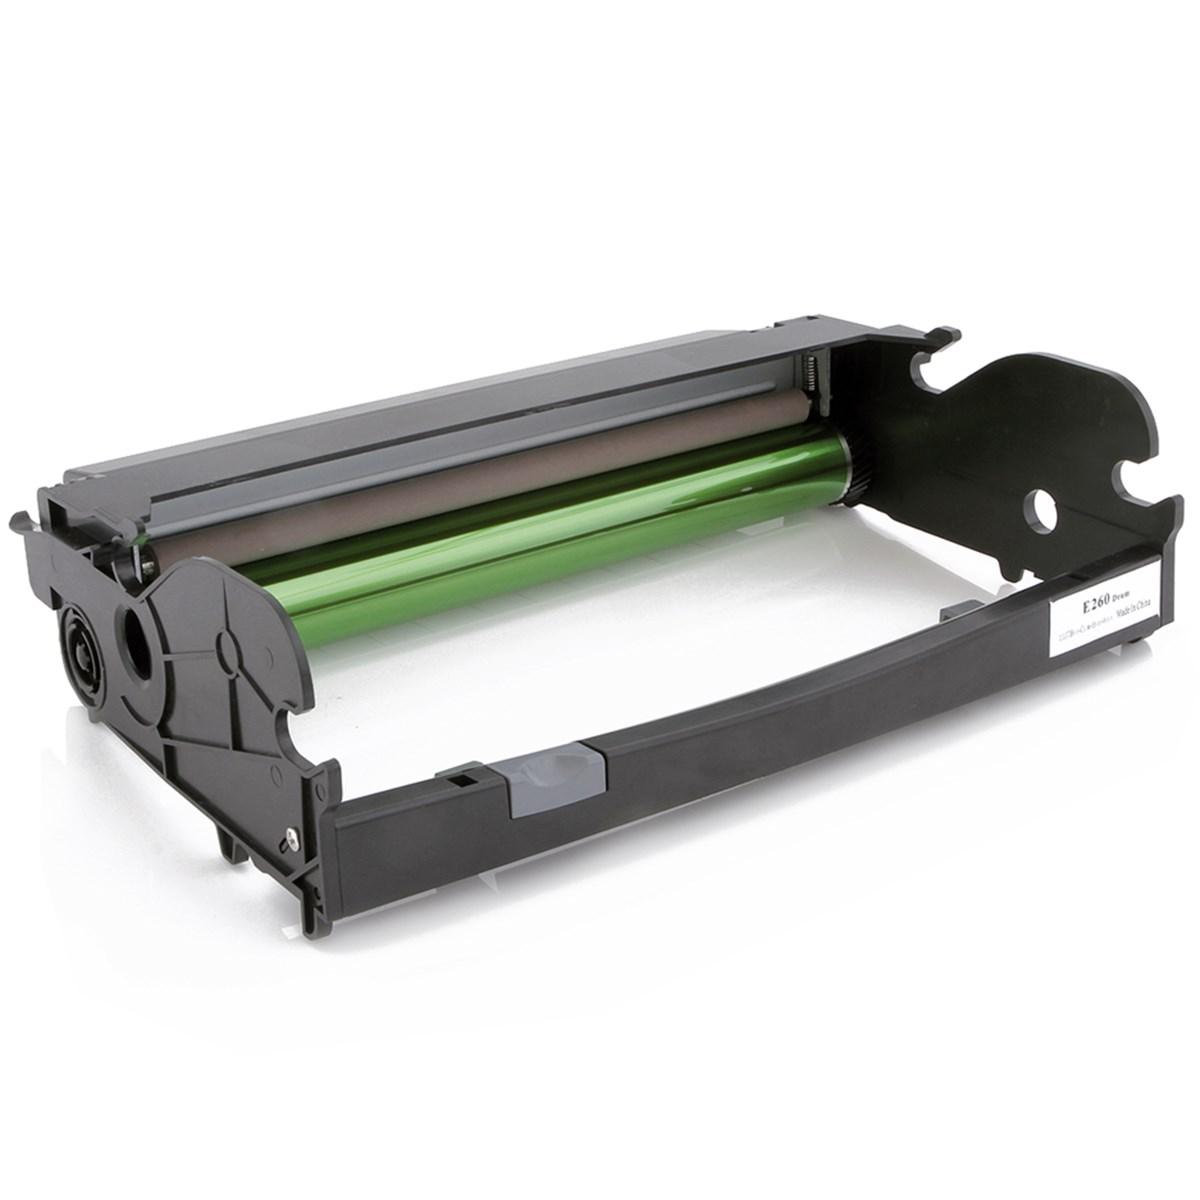 Compativel: Fotocondutor para  Lexmark E260X22G E260D E260DN E360D E360DN E460D E460DW X263 X264 X363 X364 X464